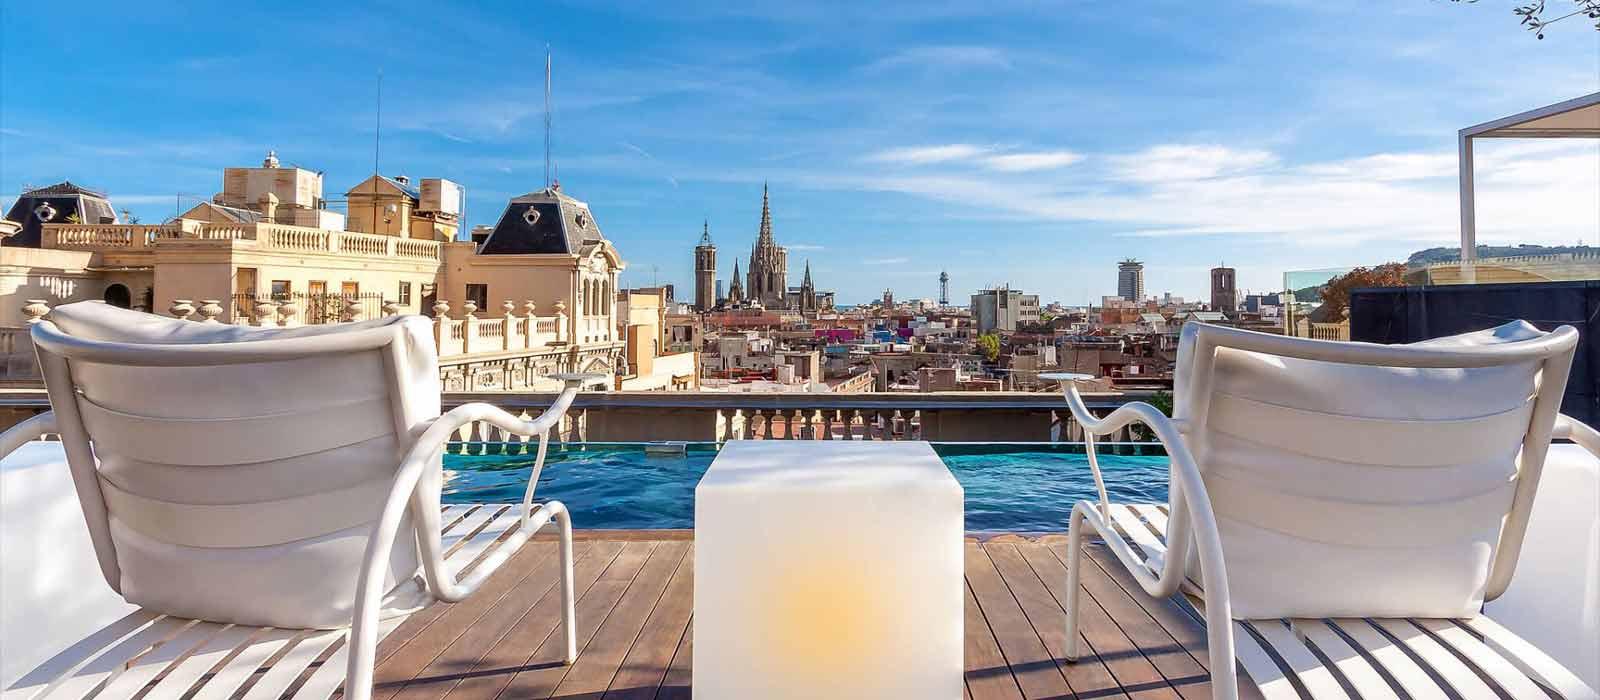 Découvrez Ohla, Le Sublime Hôtel Avec Piscine À Barcelone avec Hotel Avec Piscine Barcelone